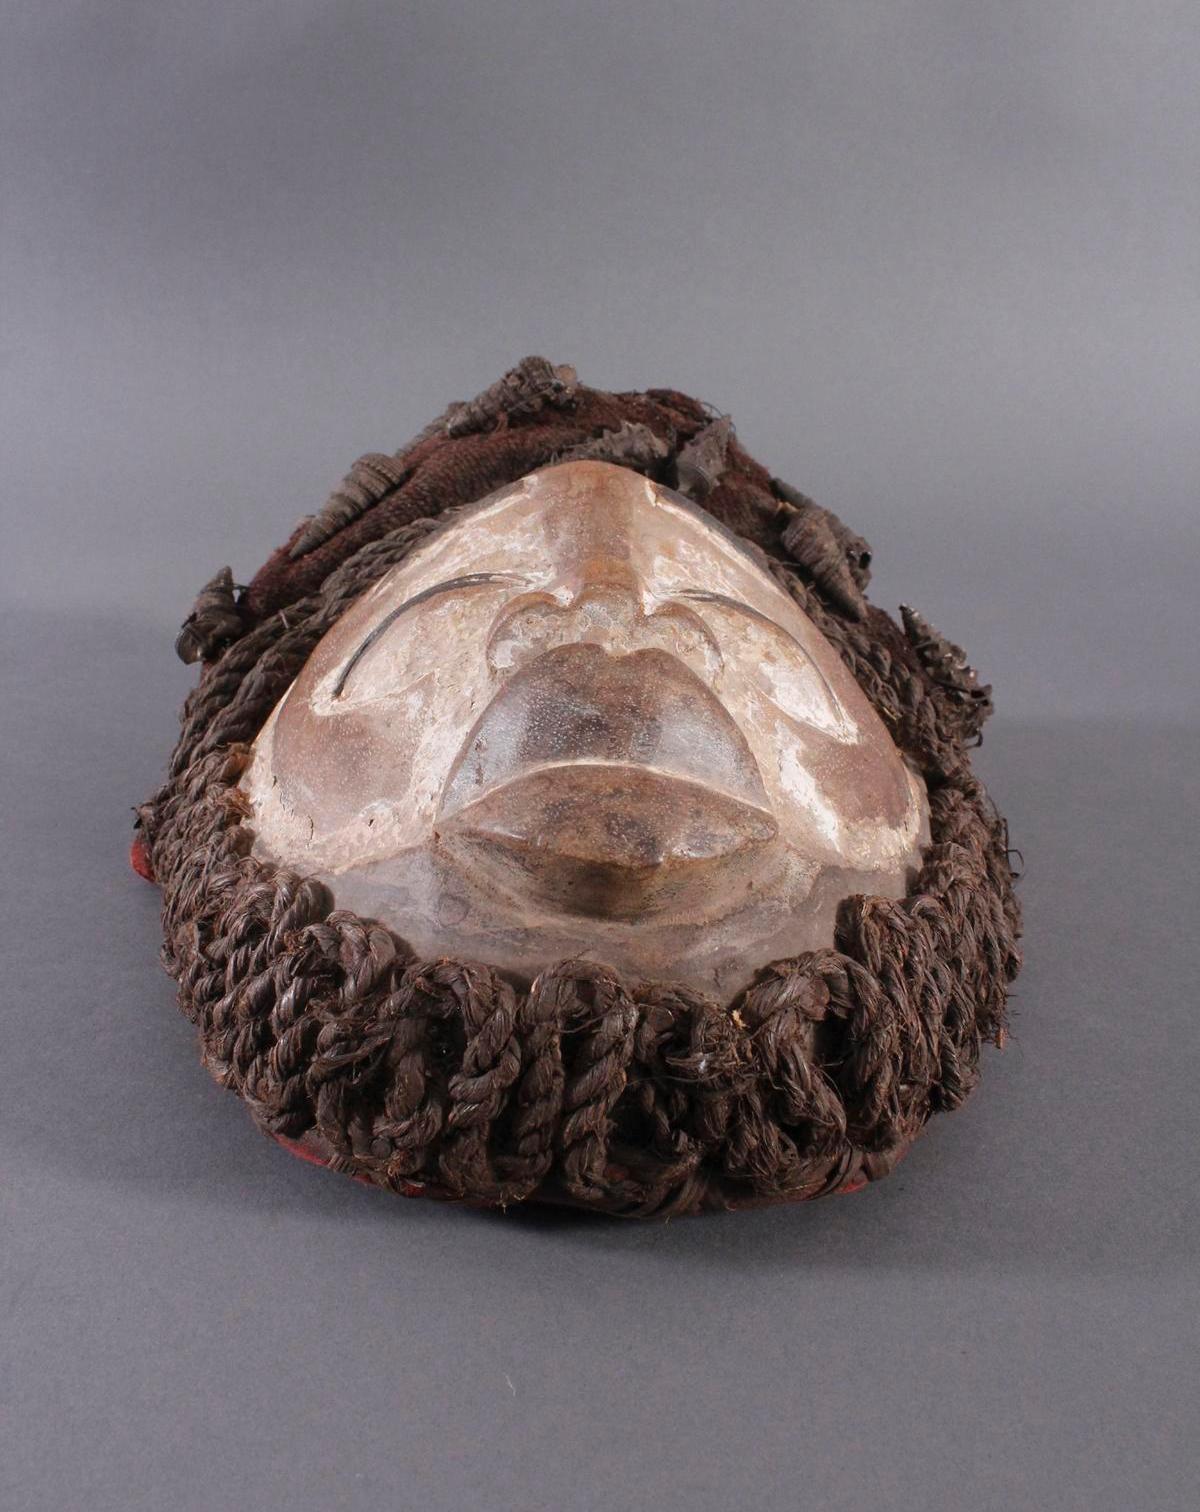 Antike Maske, Wobe/Bete, Elfenbeisküste 1. Hälfte 20. Jh.-2